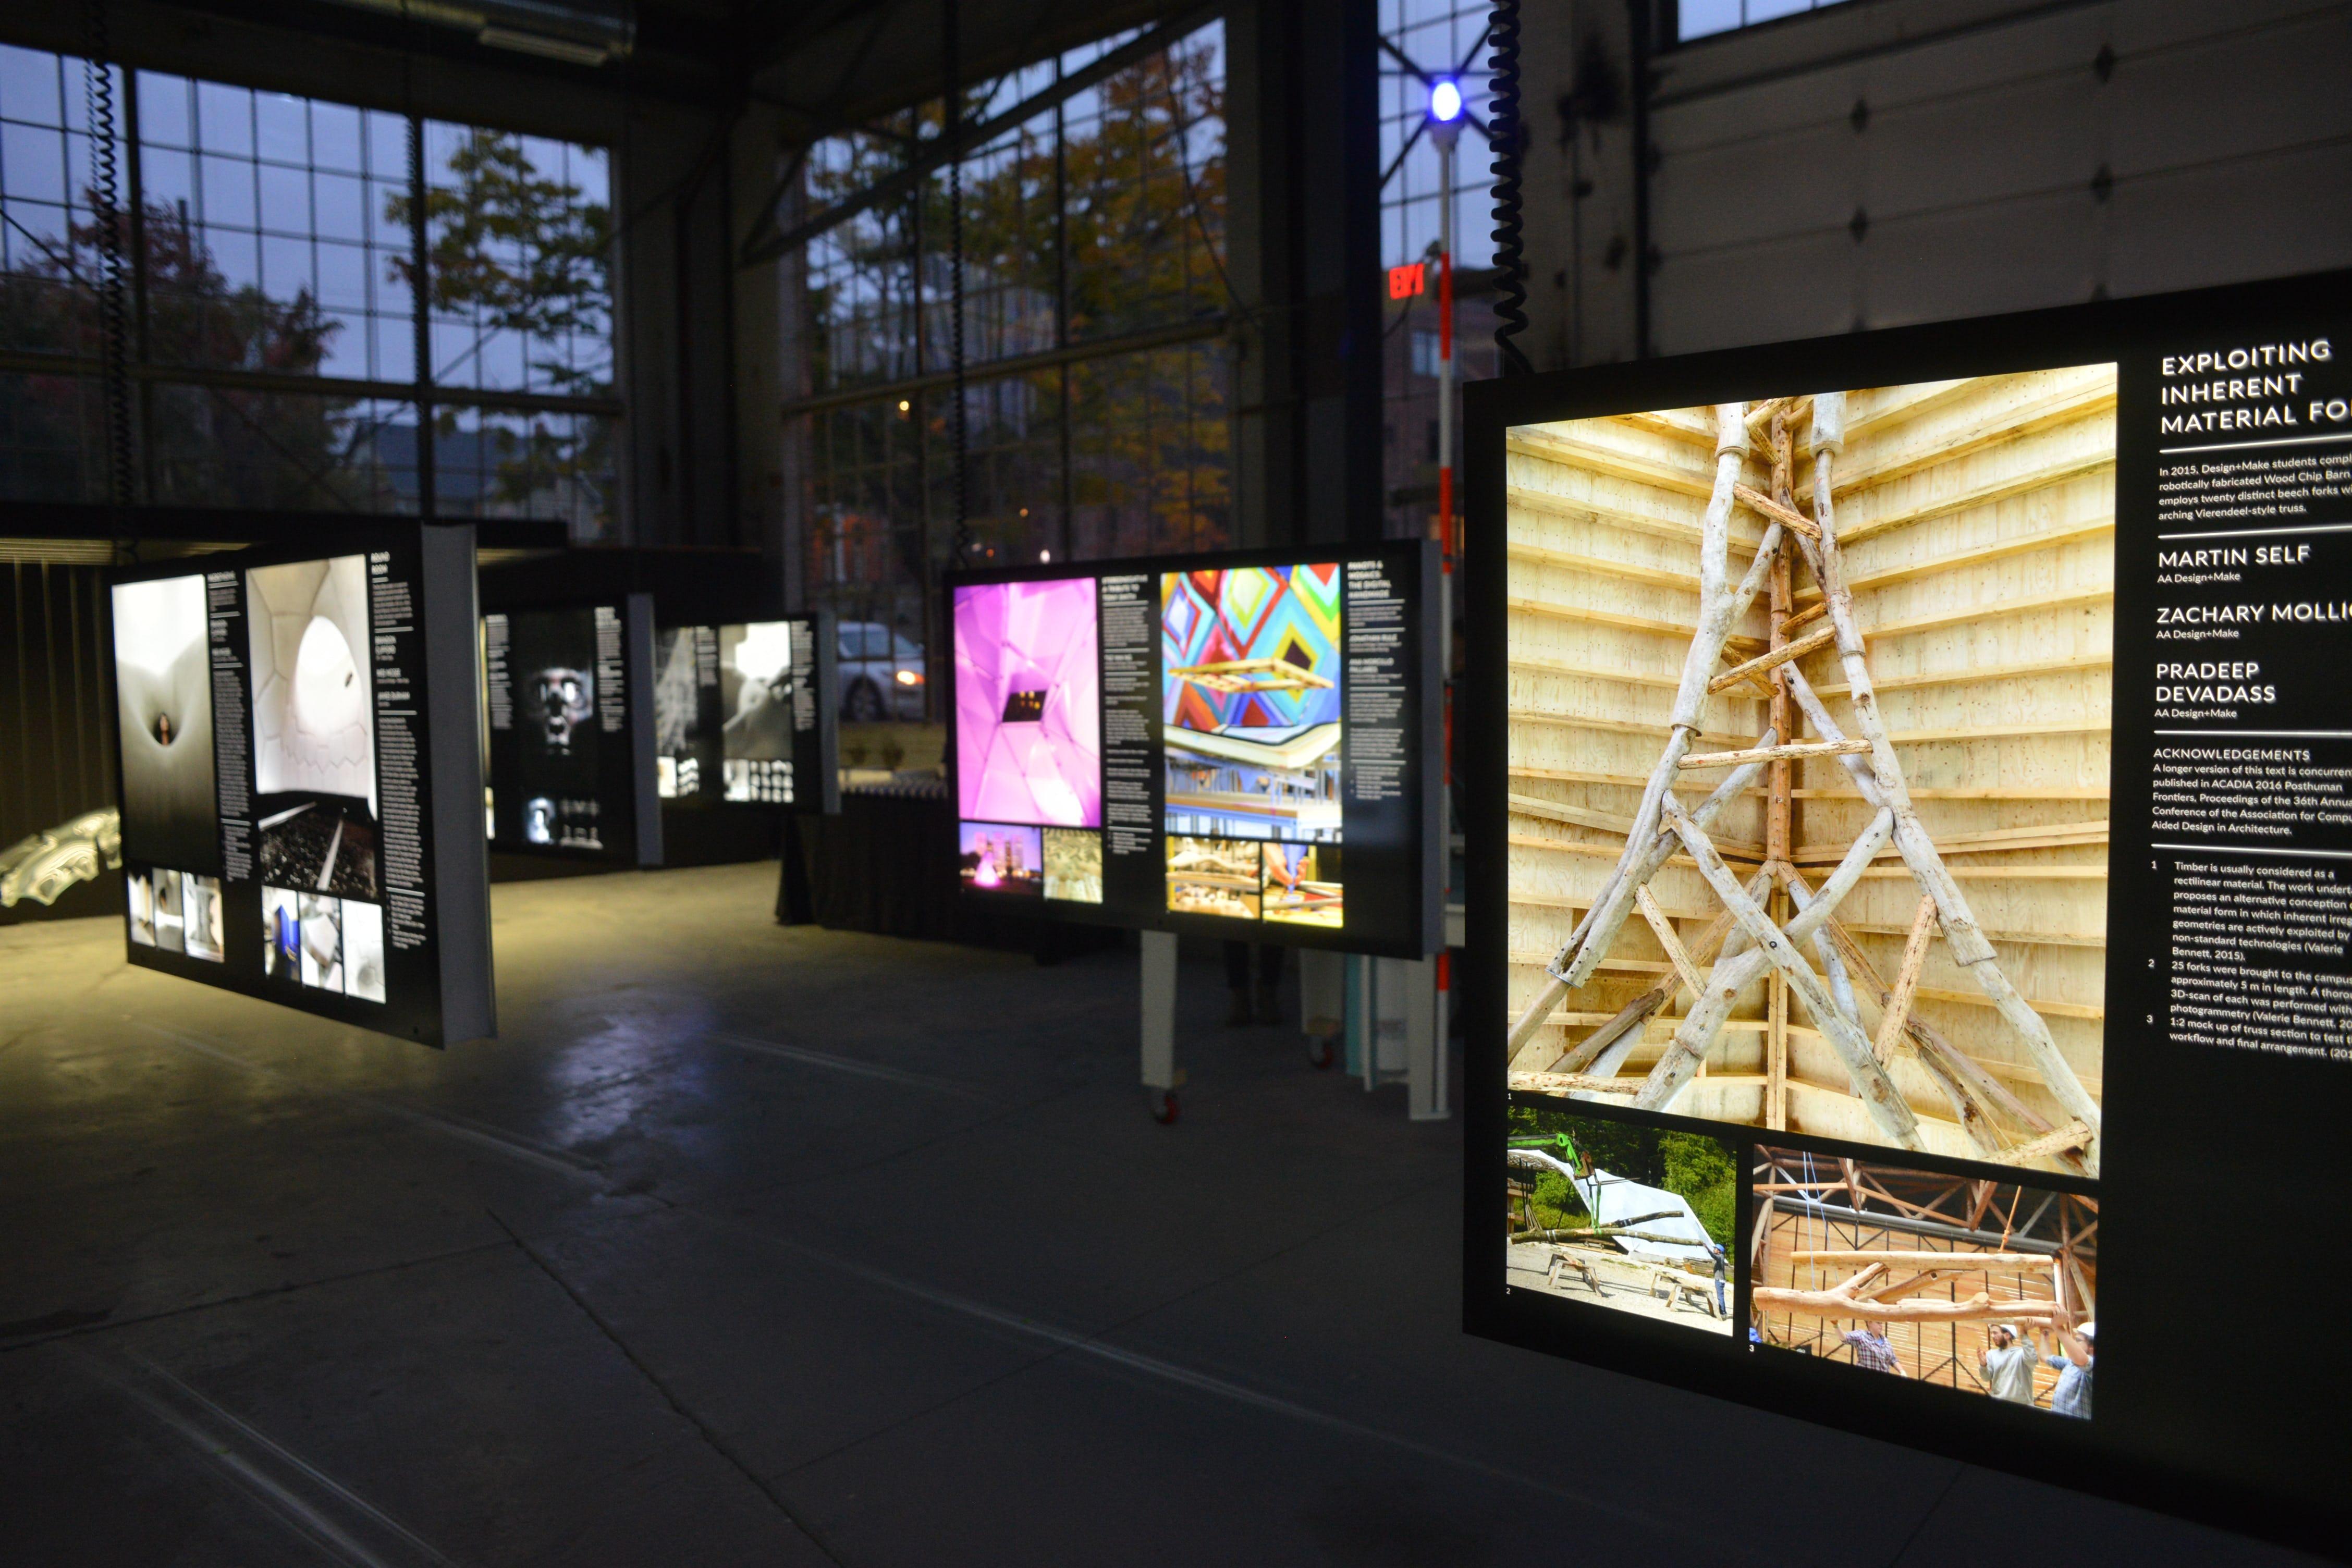 2016 acadia exhibition opening 30122920434 o